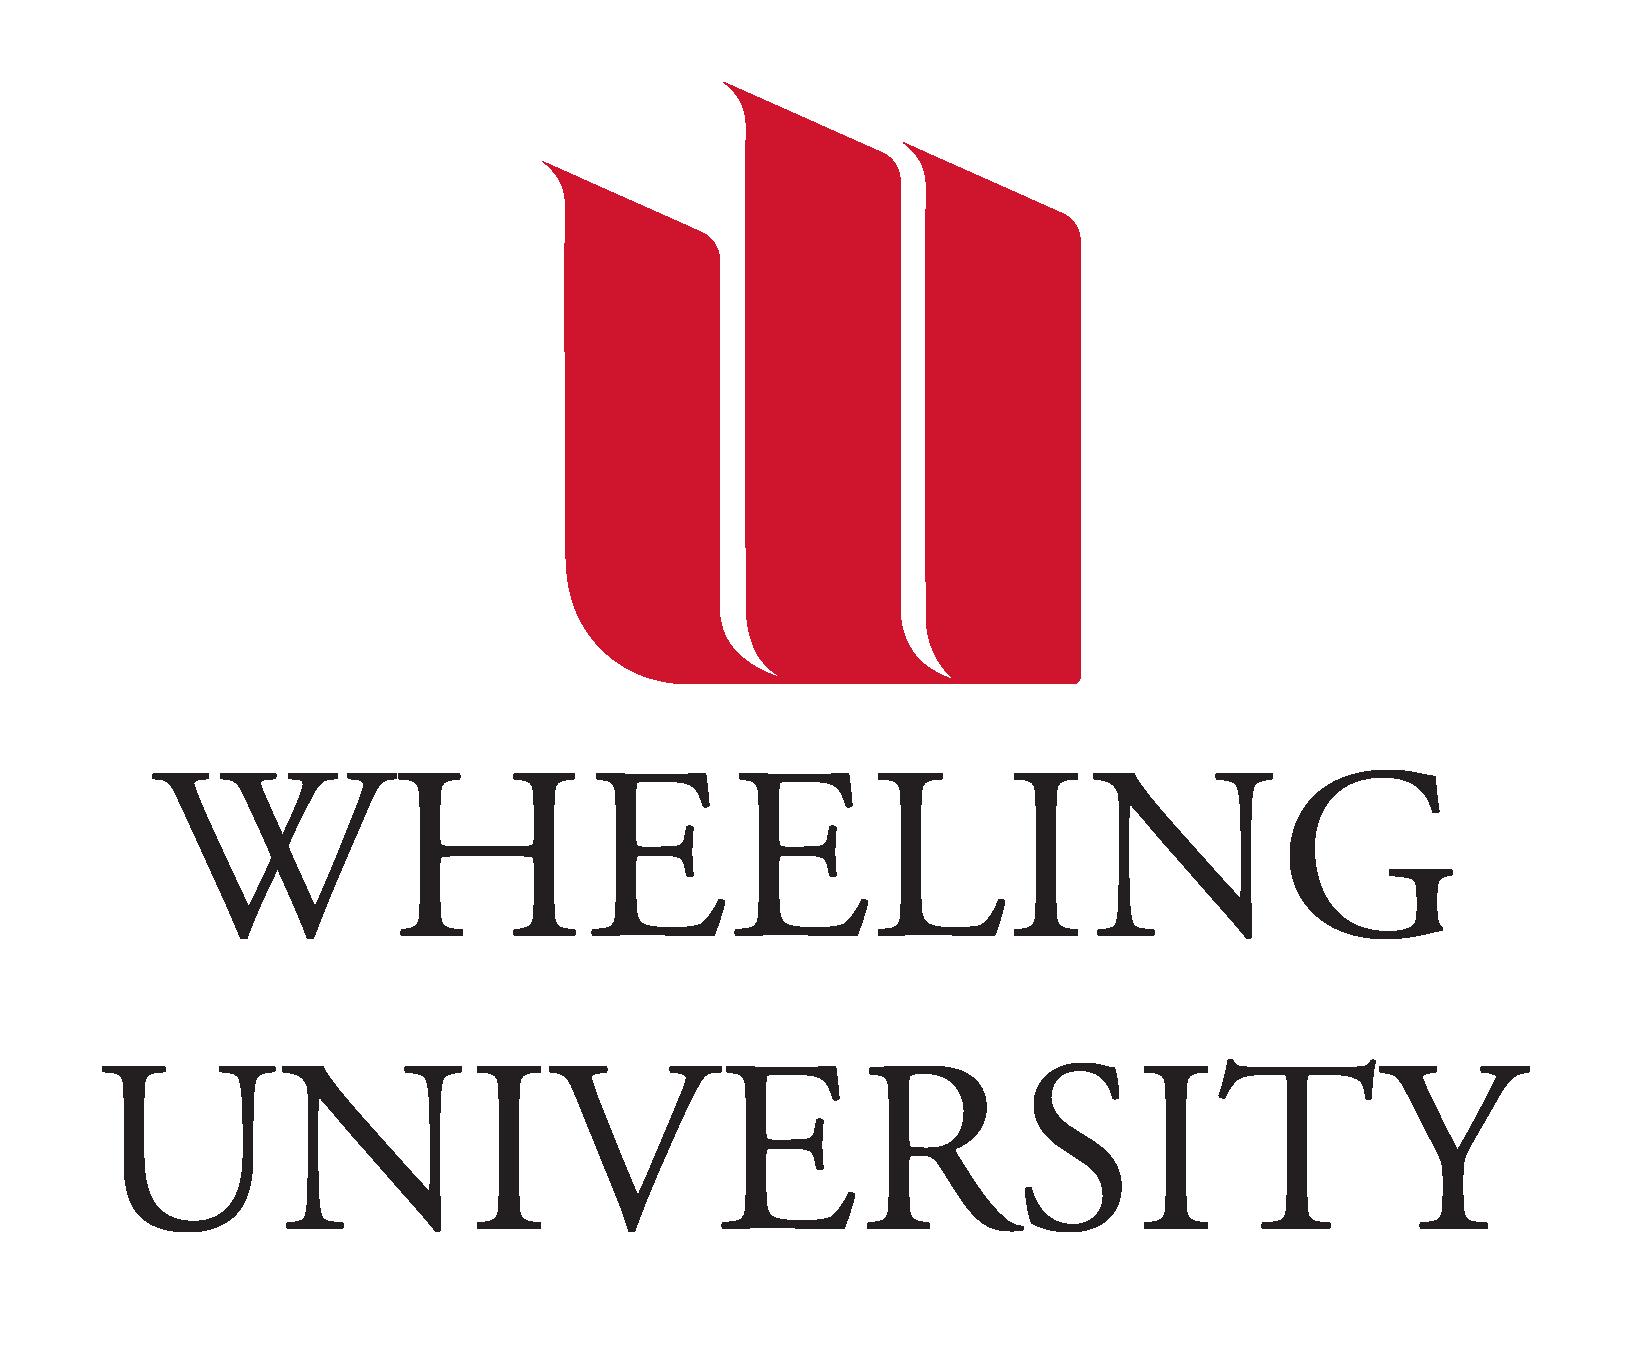 wheeling-university-flame-logo-011.png